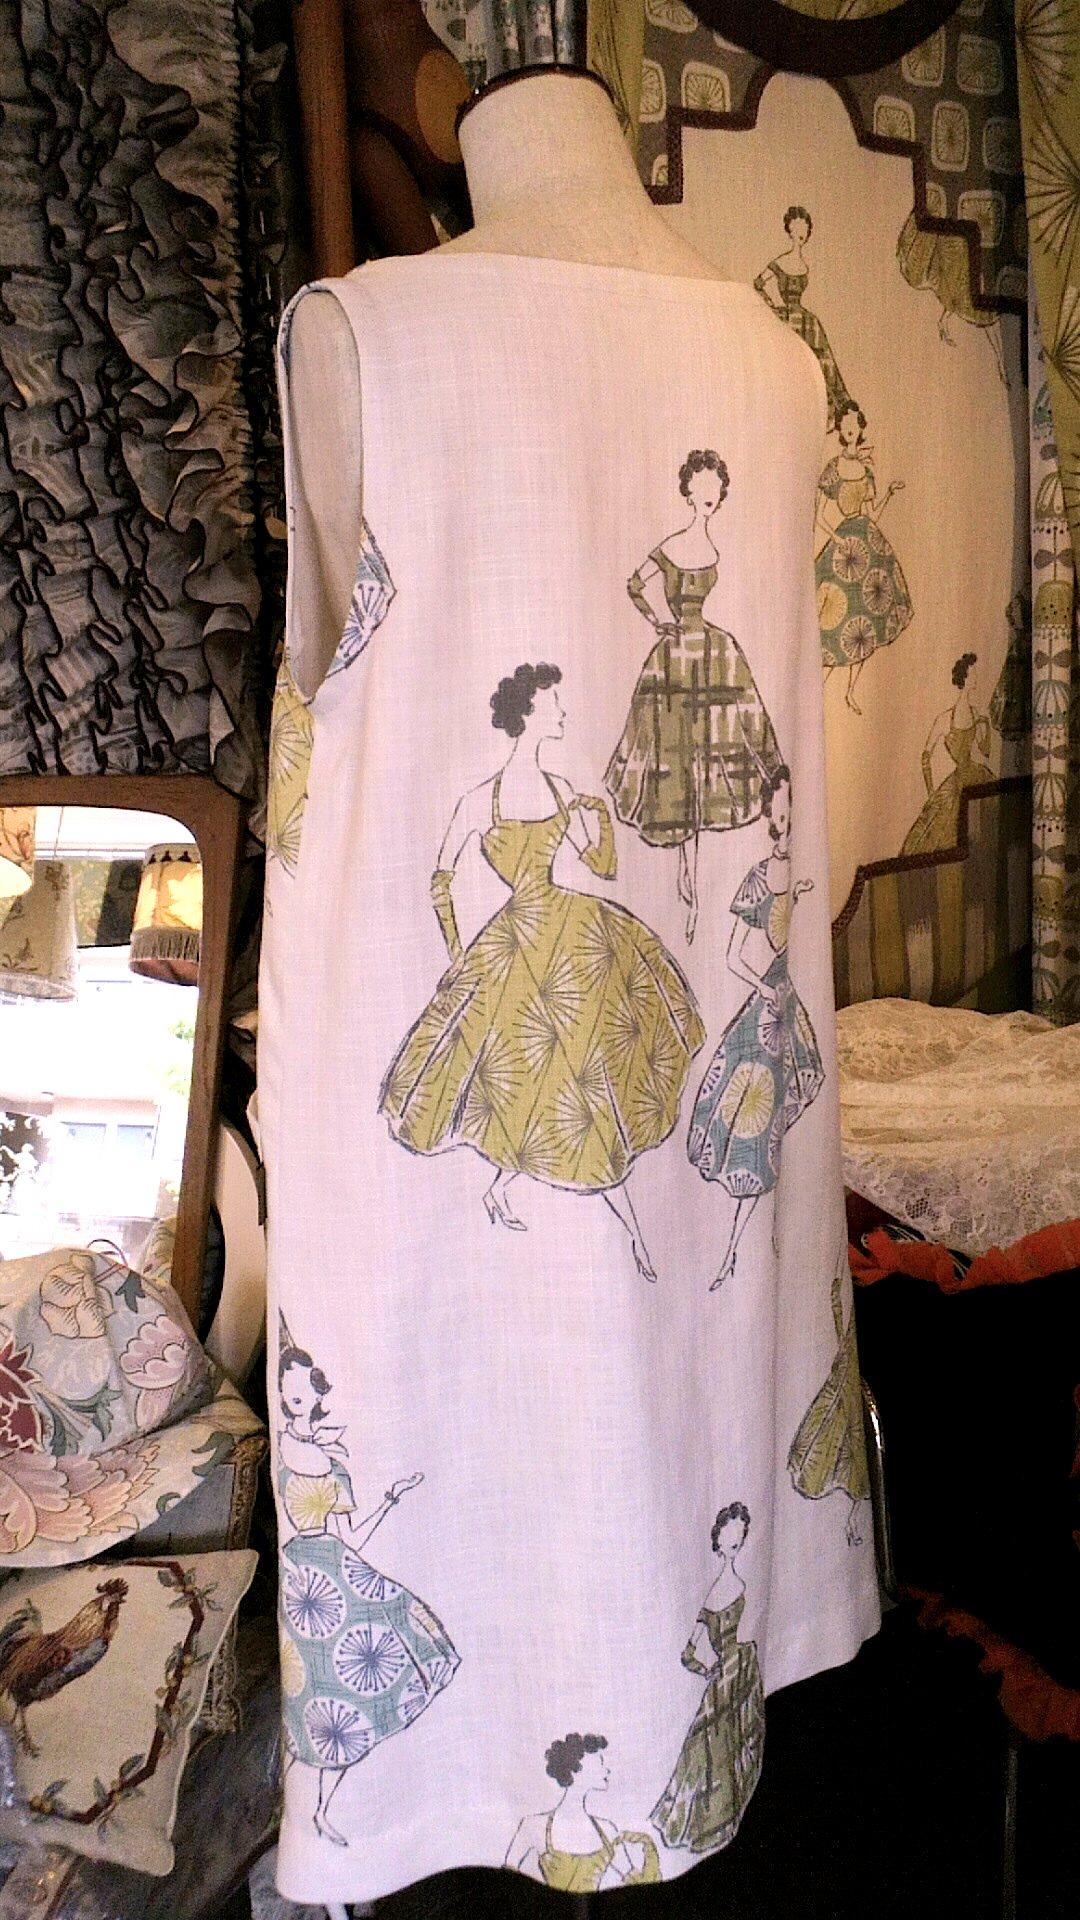 イギリス「Villa  Nova」のカーテン生地で作ったドレス_c0157866_1938116.jpg